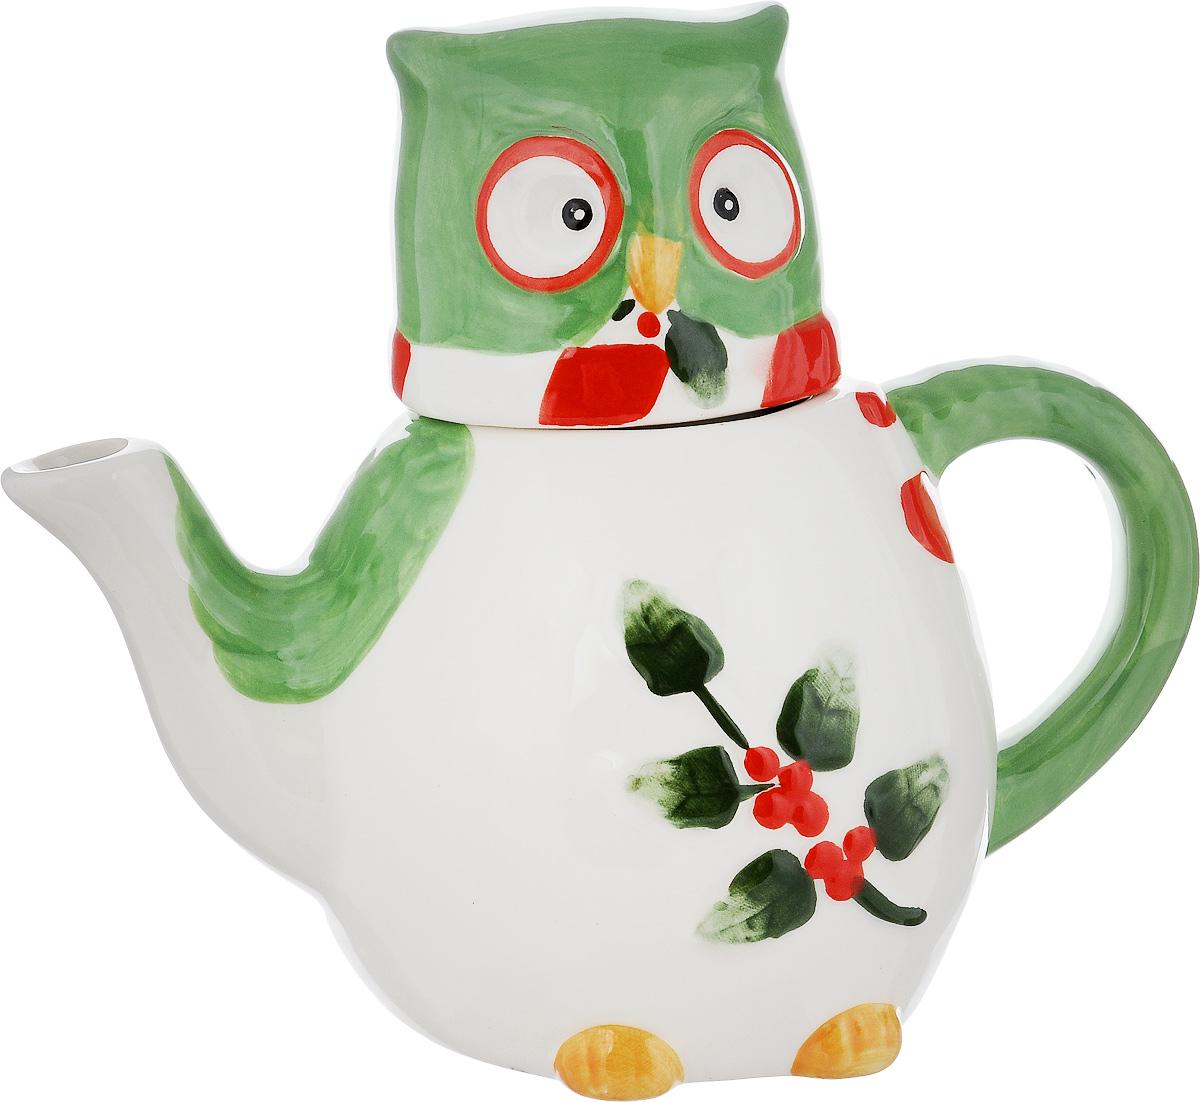 """Заварочный чайник House & Holder """"Сова"""" выполнен из  высококачественной керамики и покрыт  сверкающей глазурью. Изделие оформлено ярким рисунком и оснащено  крышкой.  Заварочный чайник House & Holder """"Сова"""" придется по  вкусу и  ценителям классики, и тем, кто предпочитает  утонченность и  изысканность.   Диаметр (по верхнему краю): 6 см.  Высота чайника (без учета крышки): 10,5 см. Высота чайника (с учетом крышки): 17 см."""